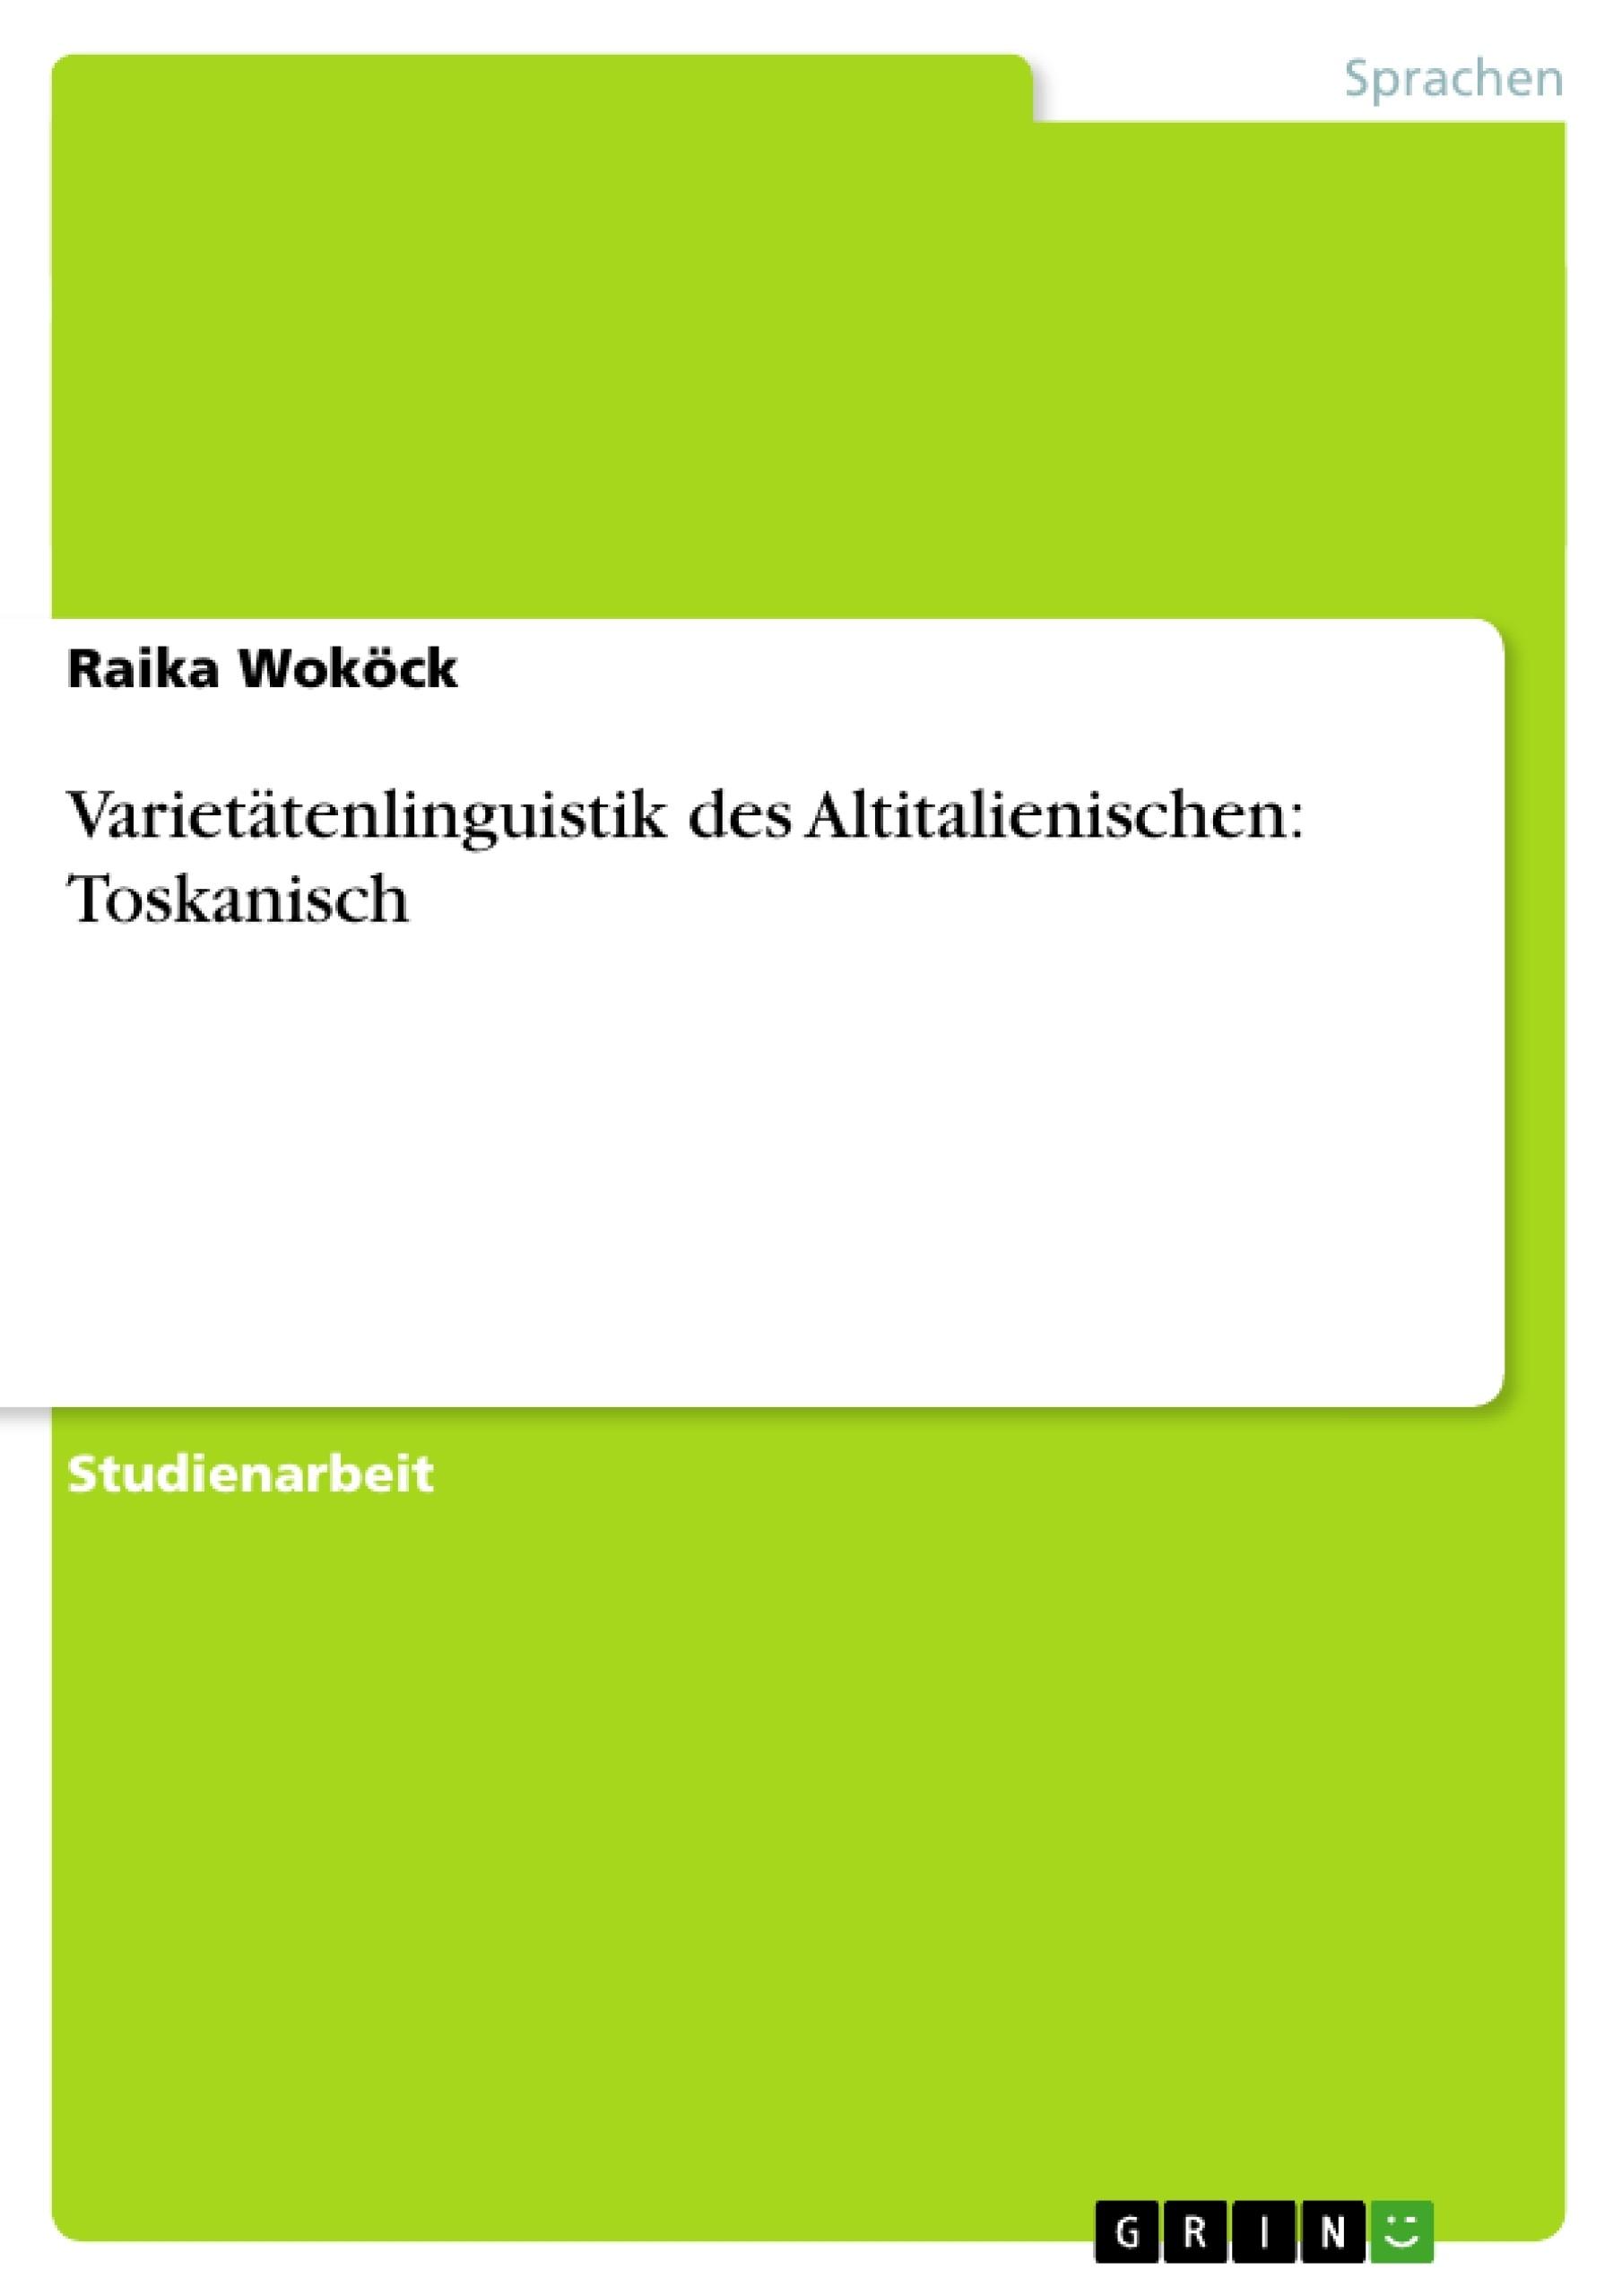 Titel: Varietätenlinguistik des Altitalienischen: Toskanisch